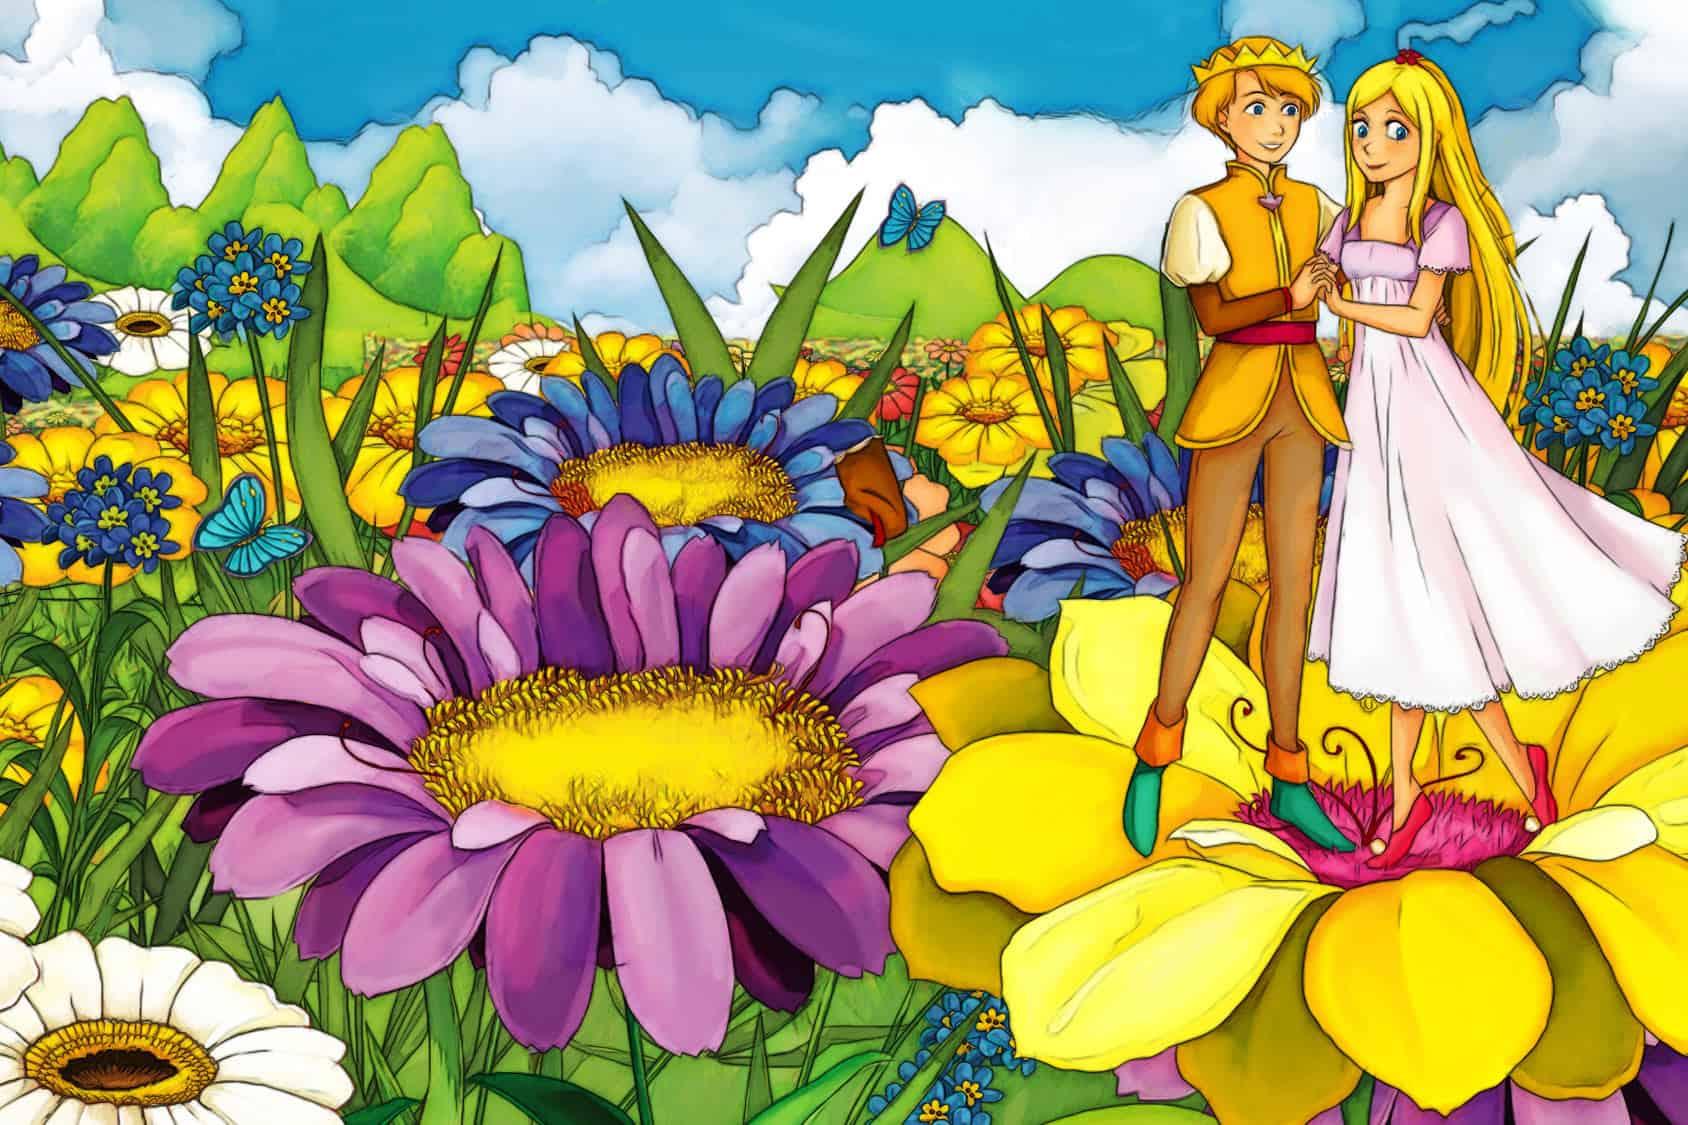 Voorbeelden Van Kleurplaten Voor Volwassenen.Top 25 Leukste Prinsessen Kleurplaten Voor Kinderen